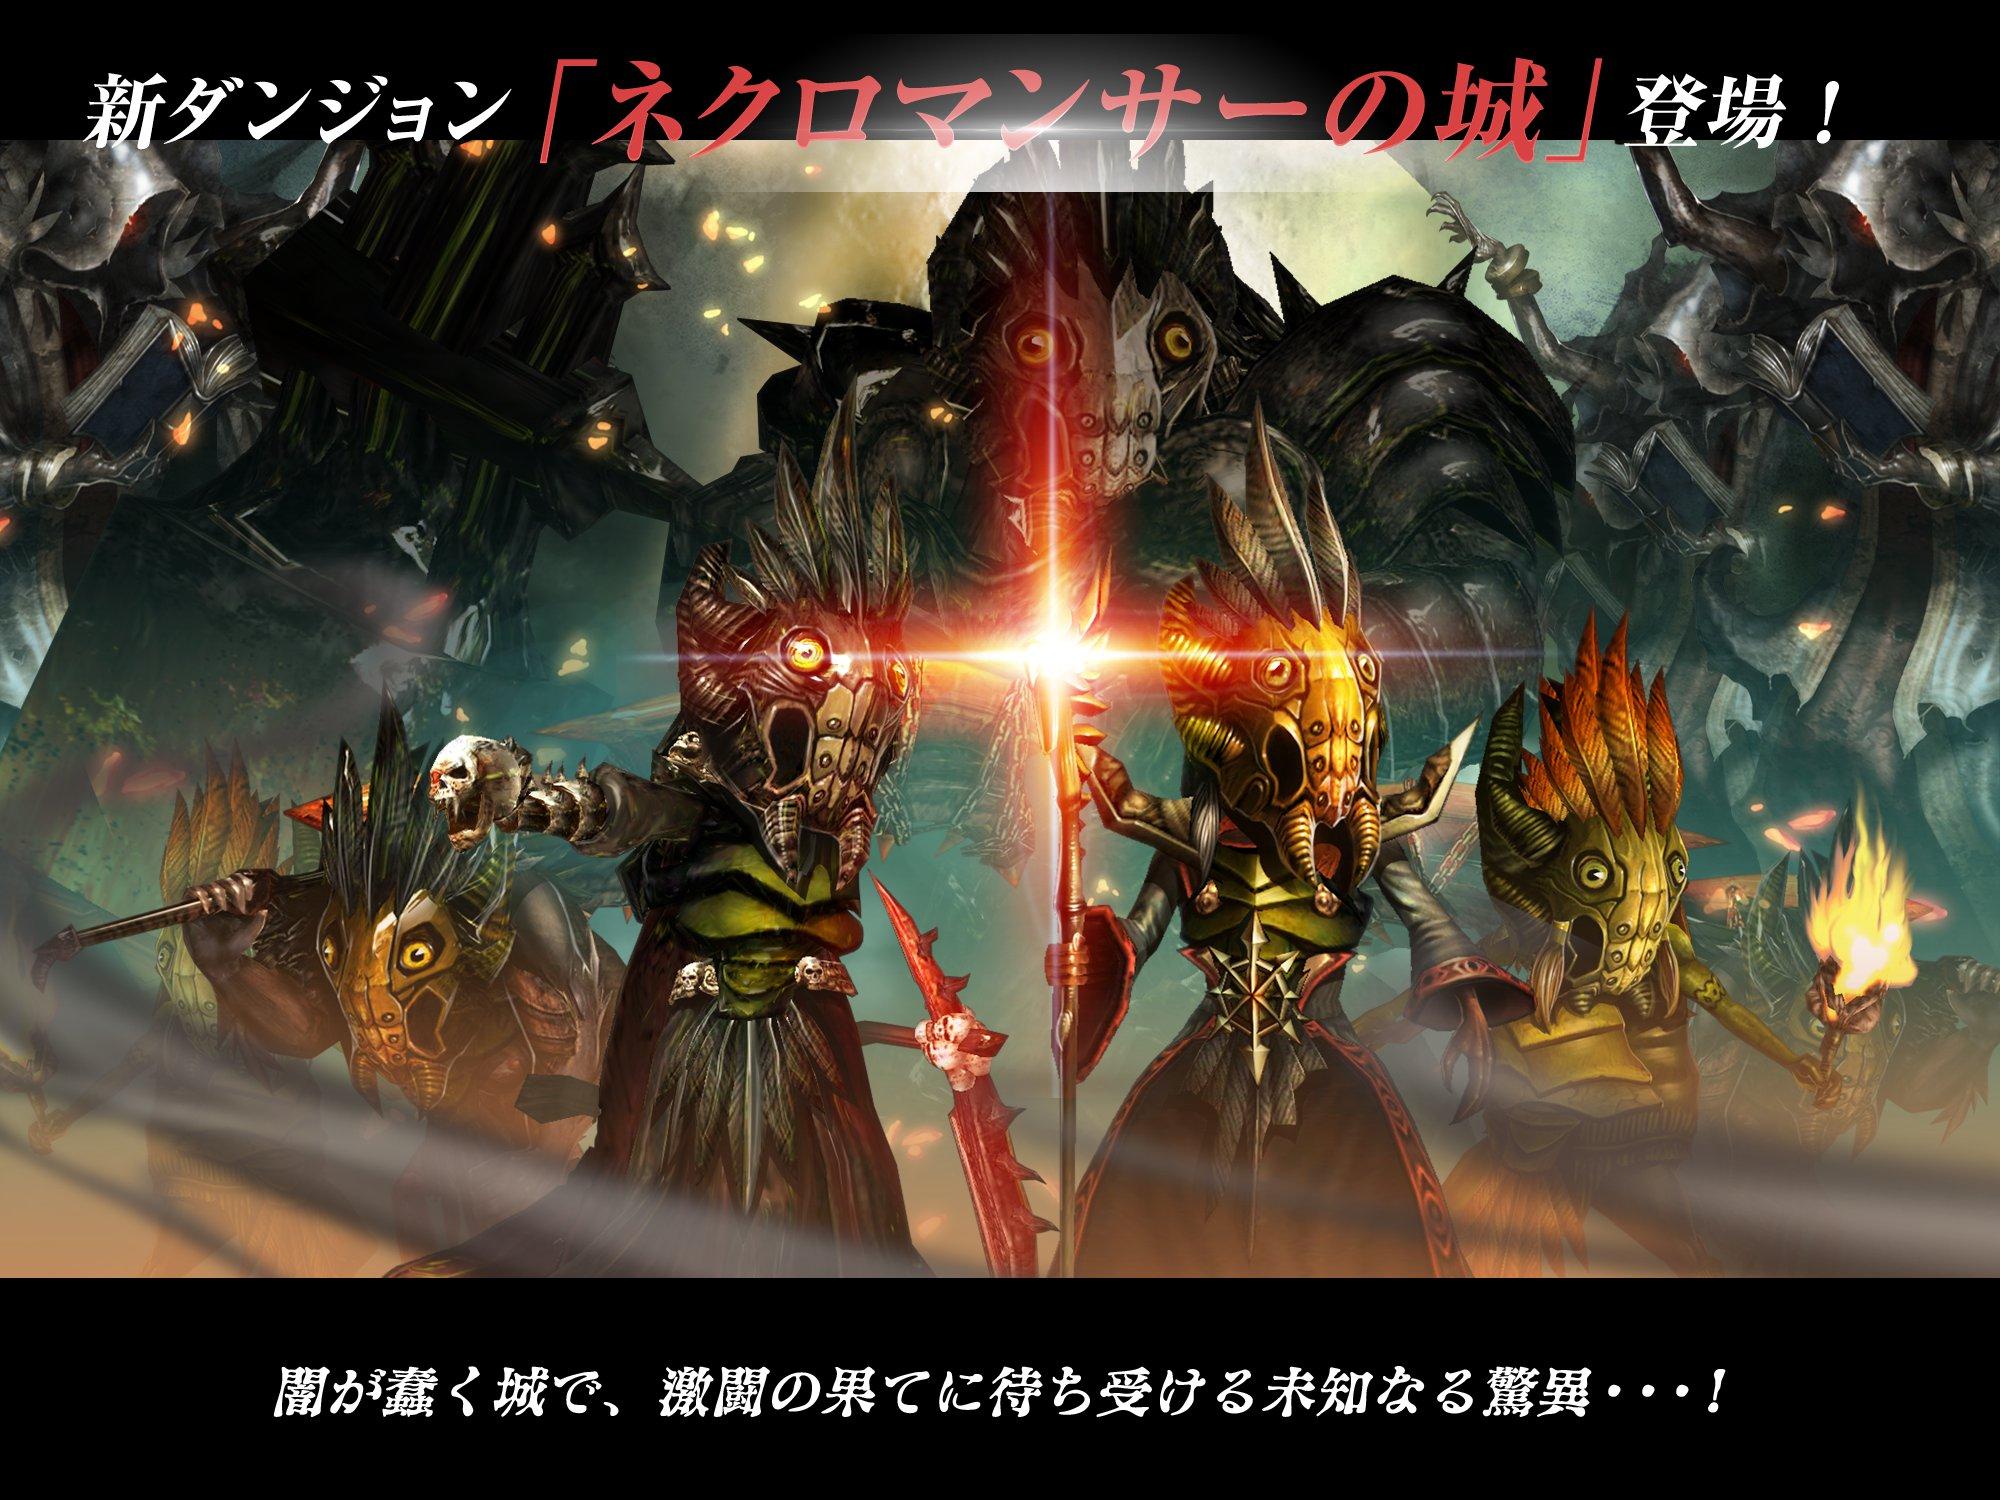 10ラウンドを攻略し、秘められた力を解放できるか!?闘争本能を刺激する新感覚アクションゲーム「DARK BLOOD」「ネクロマンサーの城砦」 アップデートスケジュール公開のお知らせ